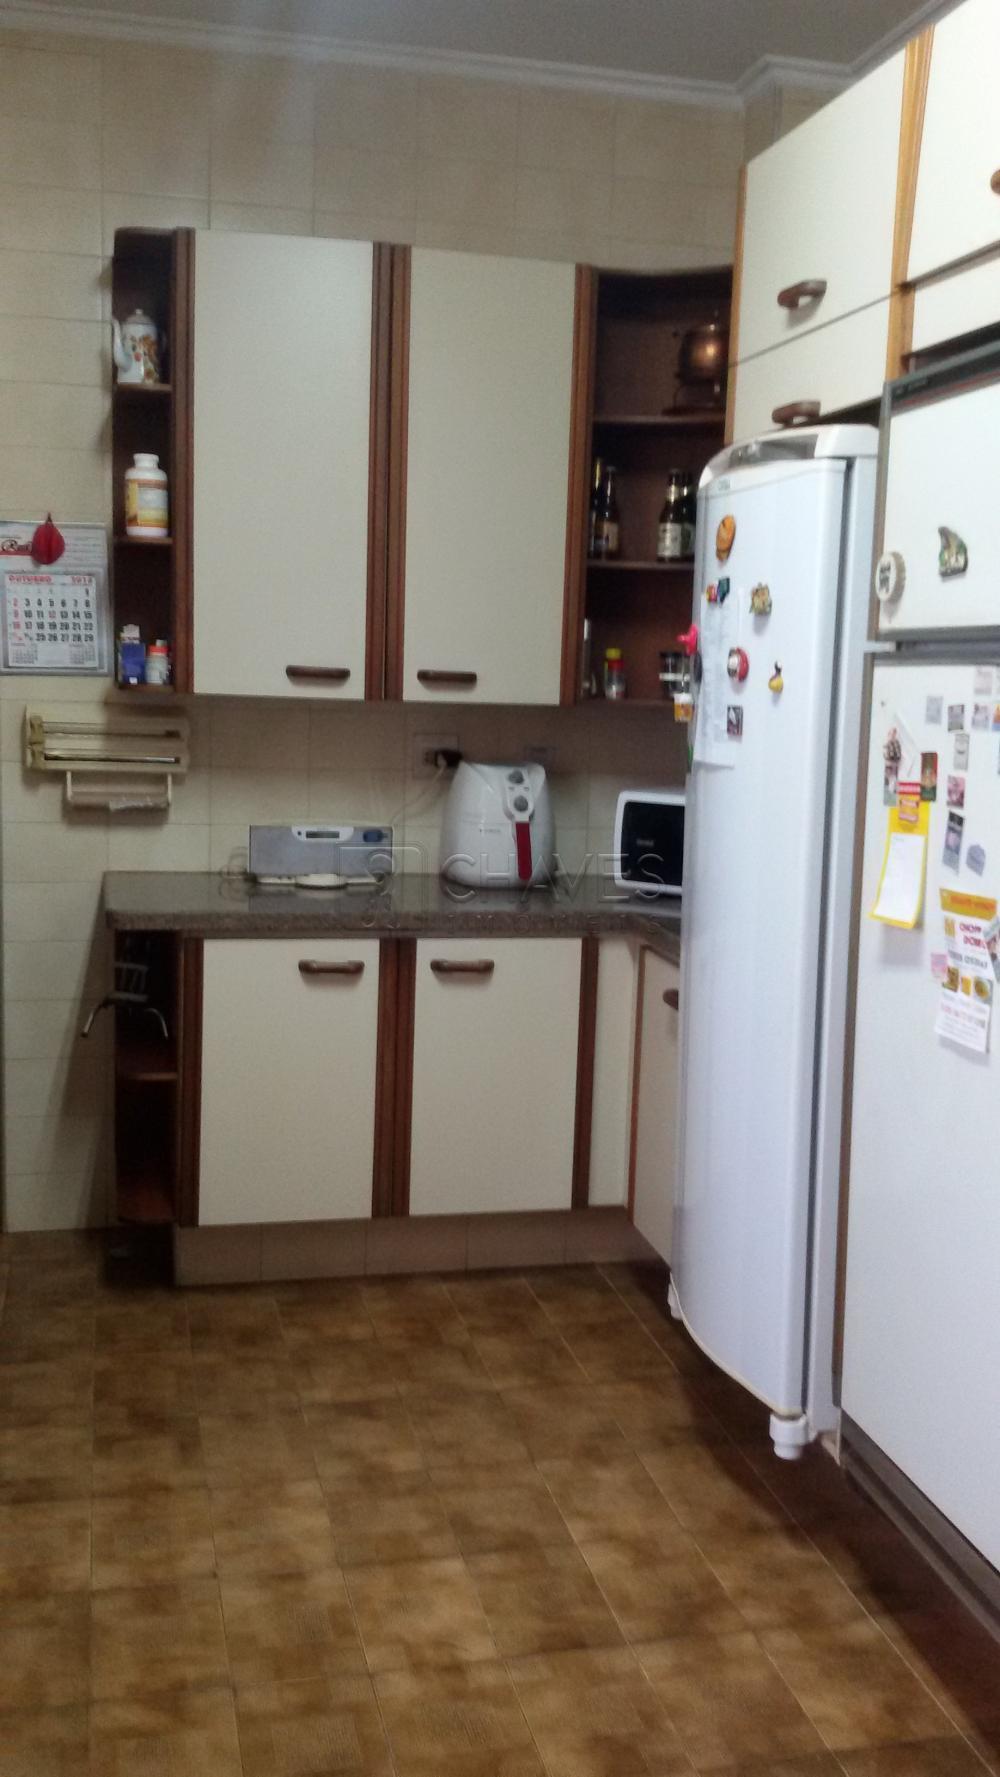 Comprar Apartamento / Cobertura em Ribeirão Preto apenas R$ 750.000,00 - Foto 7